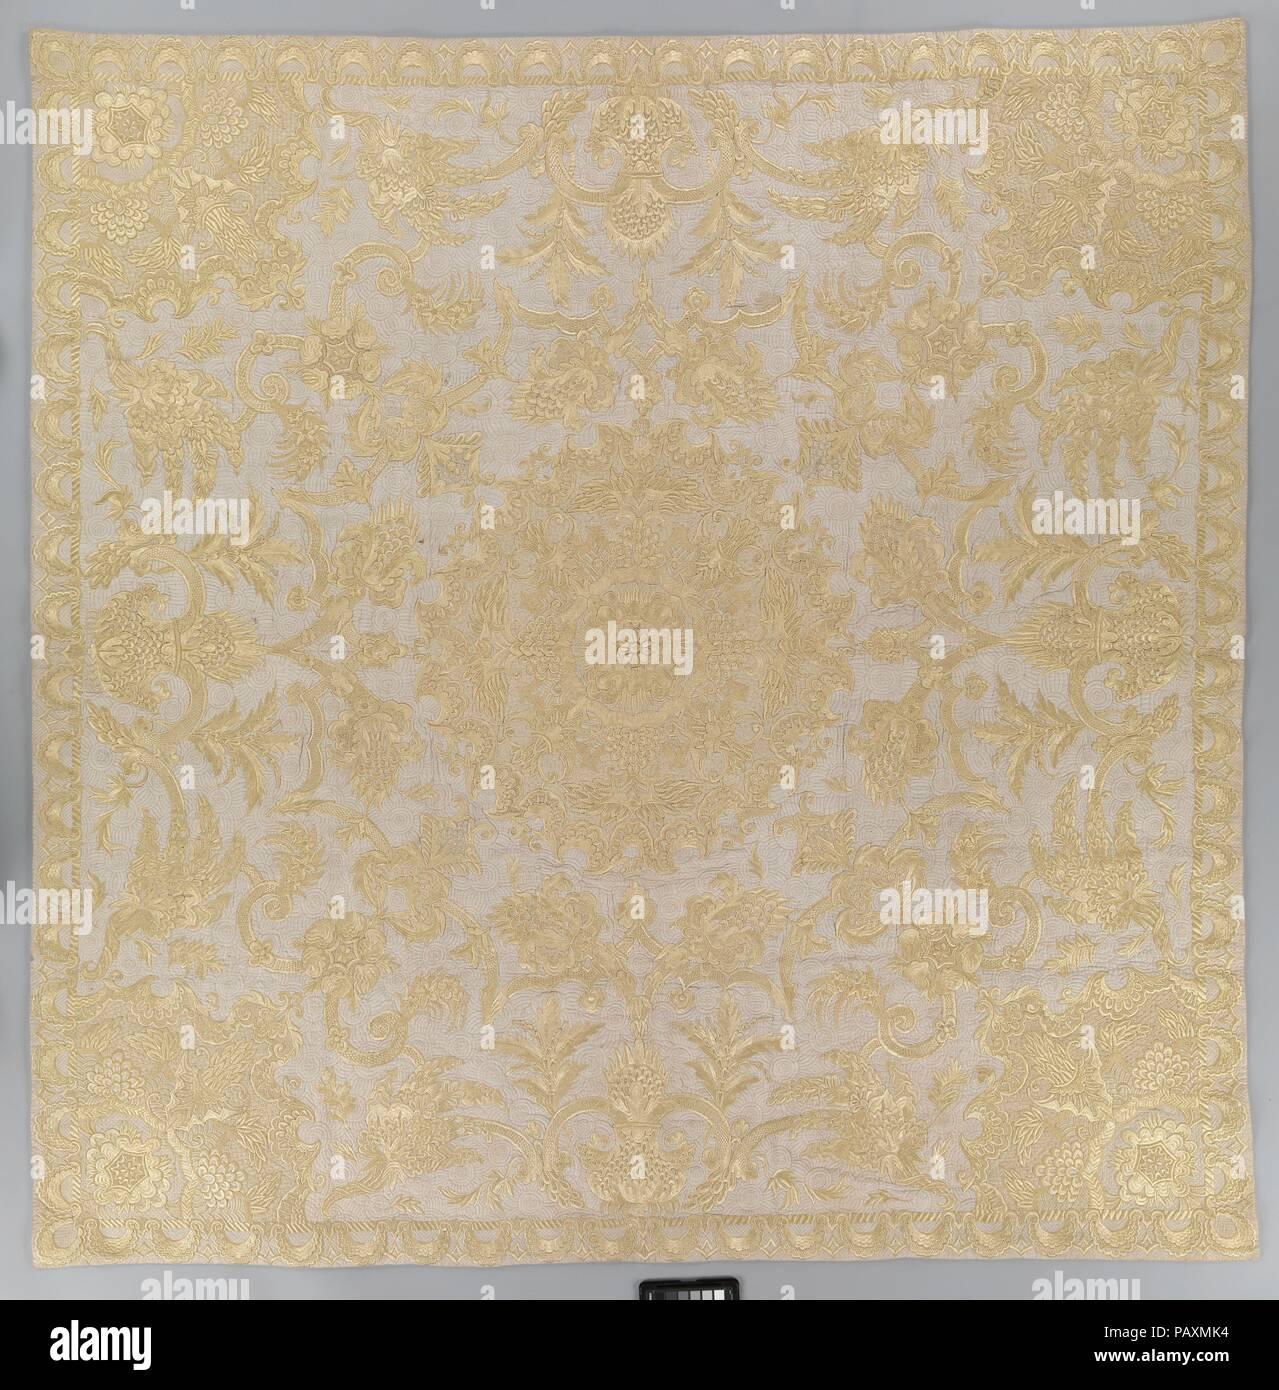 Bedspread  Culture: British  Dimensions: L  62 x W  60 inches (157 5